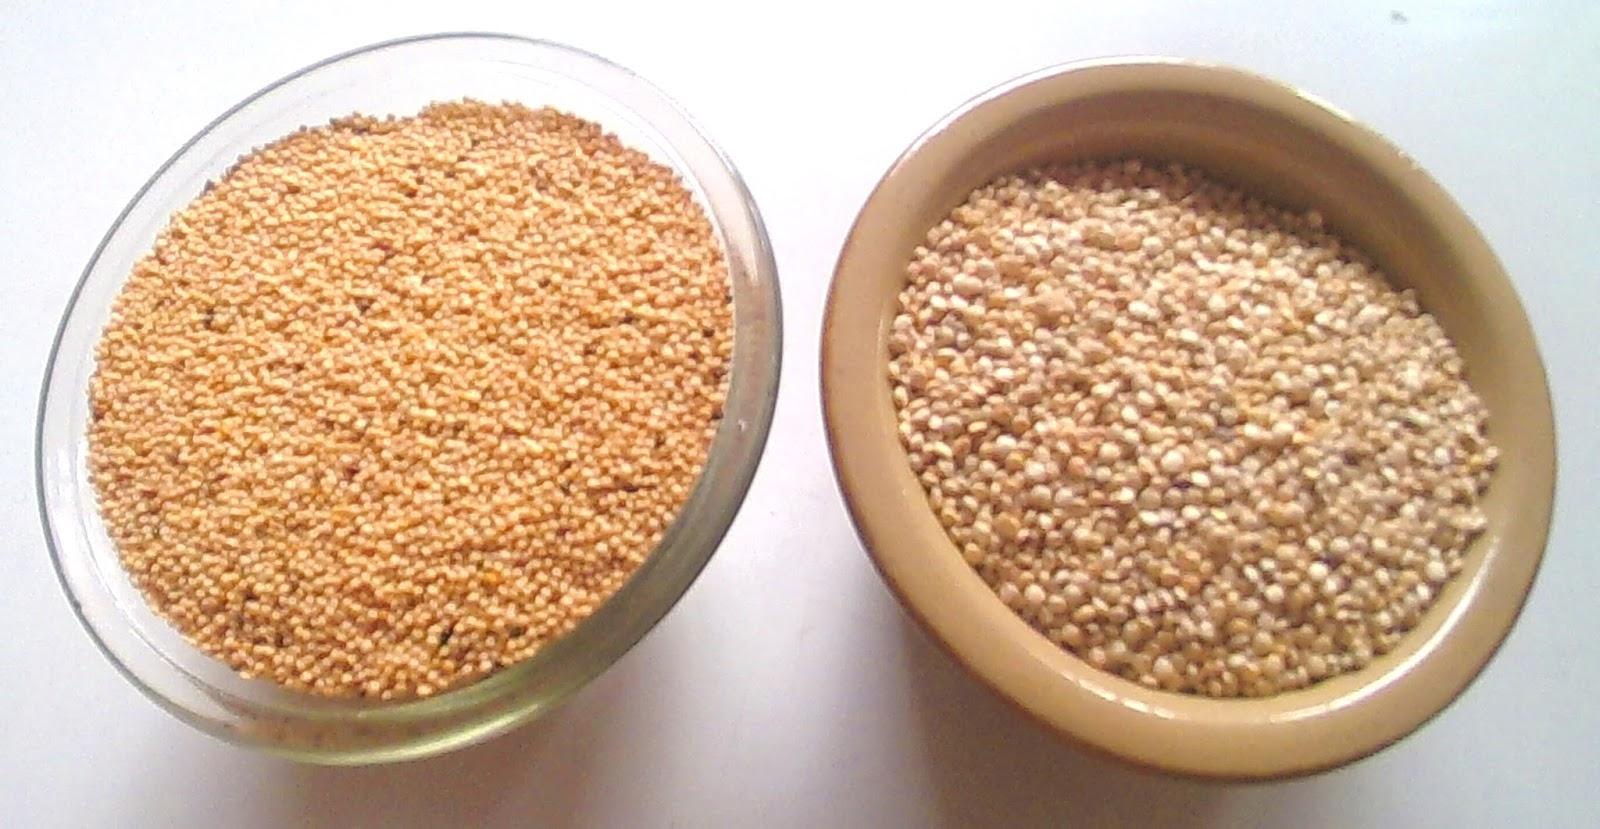 C mo cocinar amaranto y quinua proporciones de agua for Cocinar 1 taza de quinoa